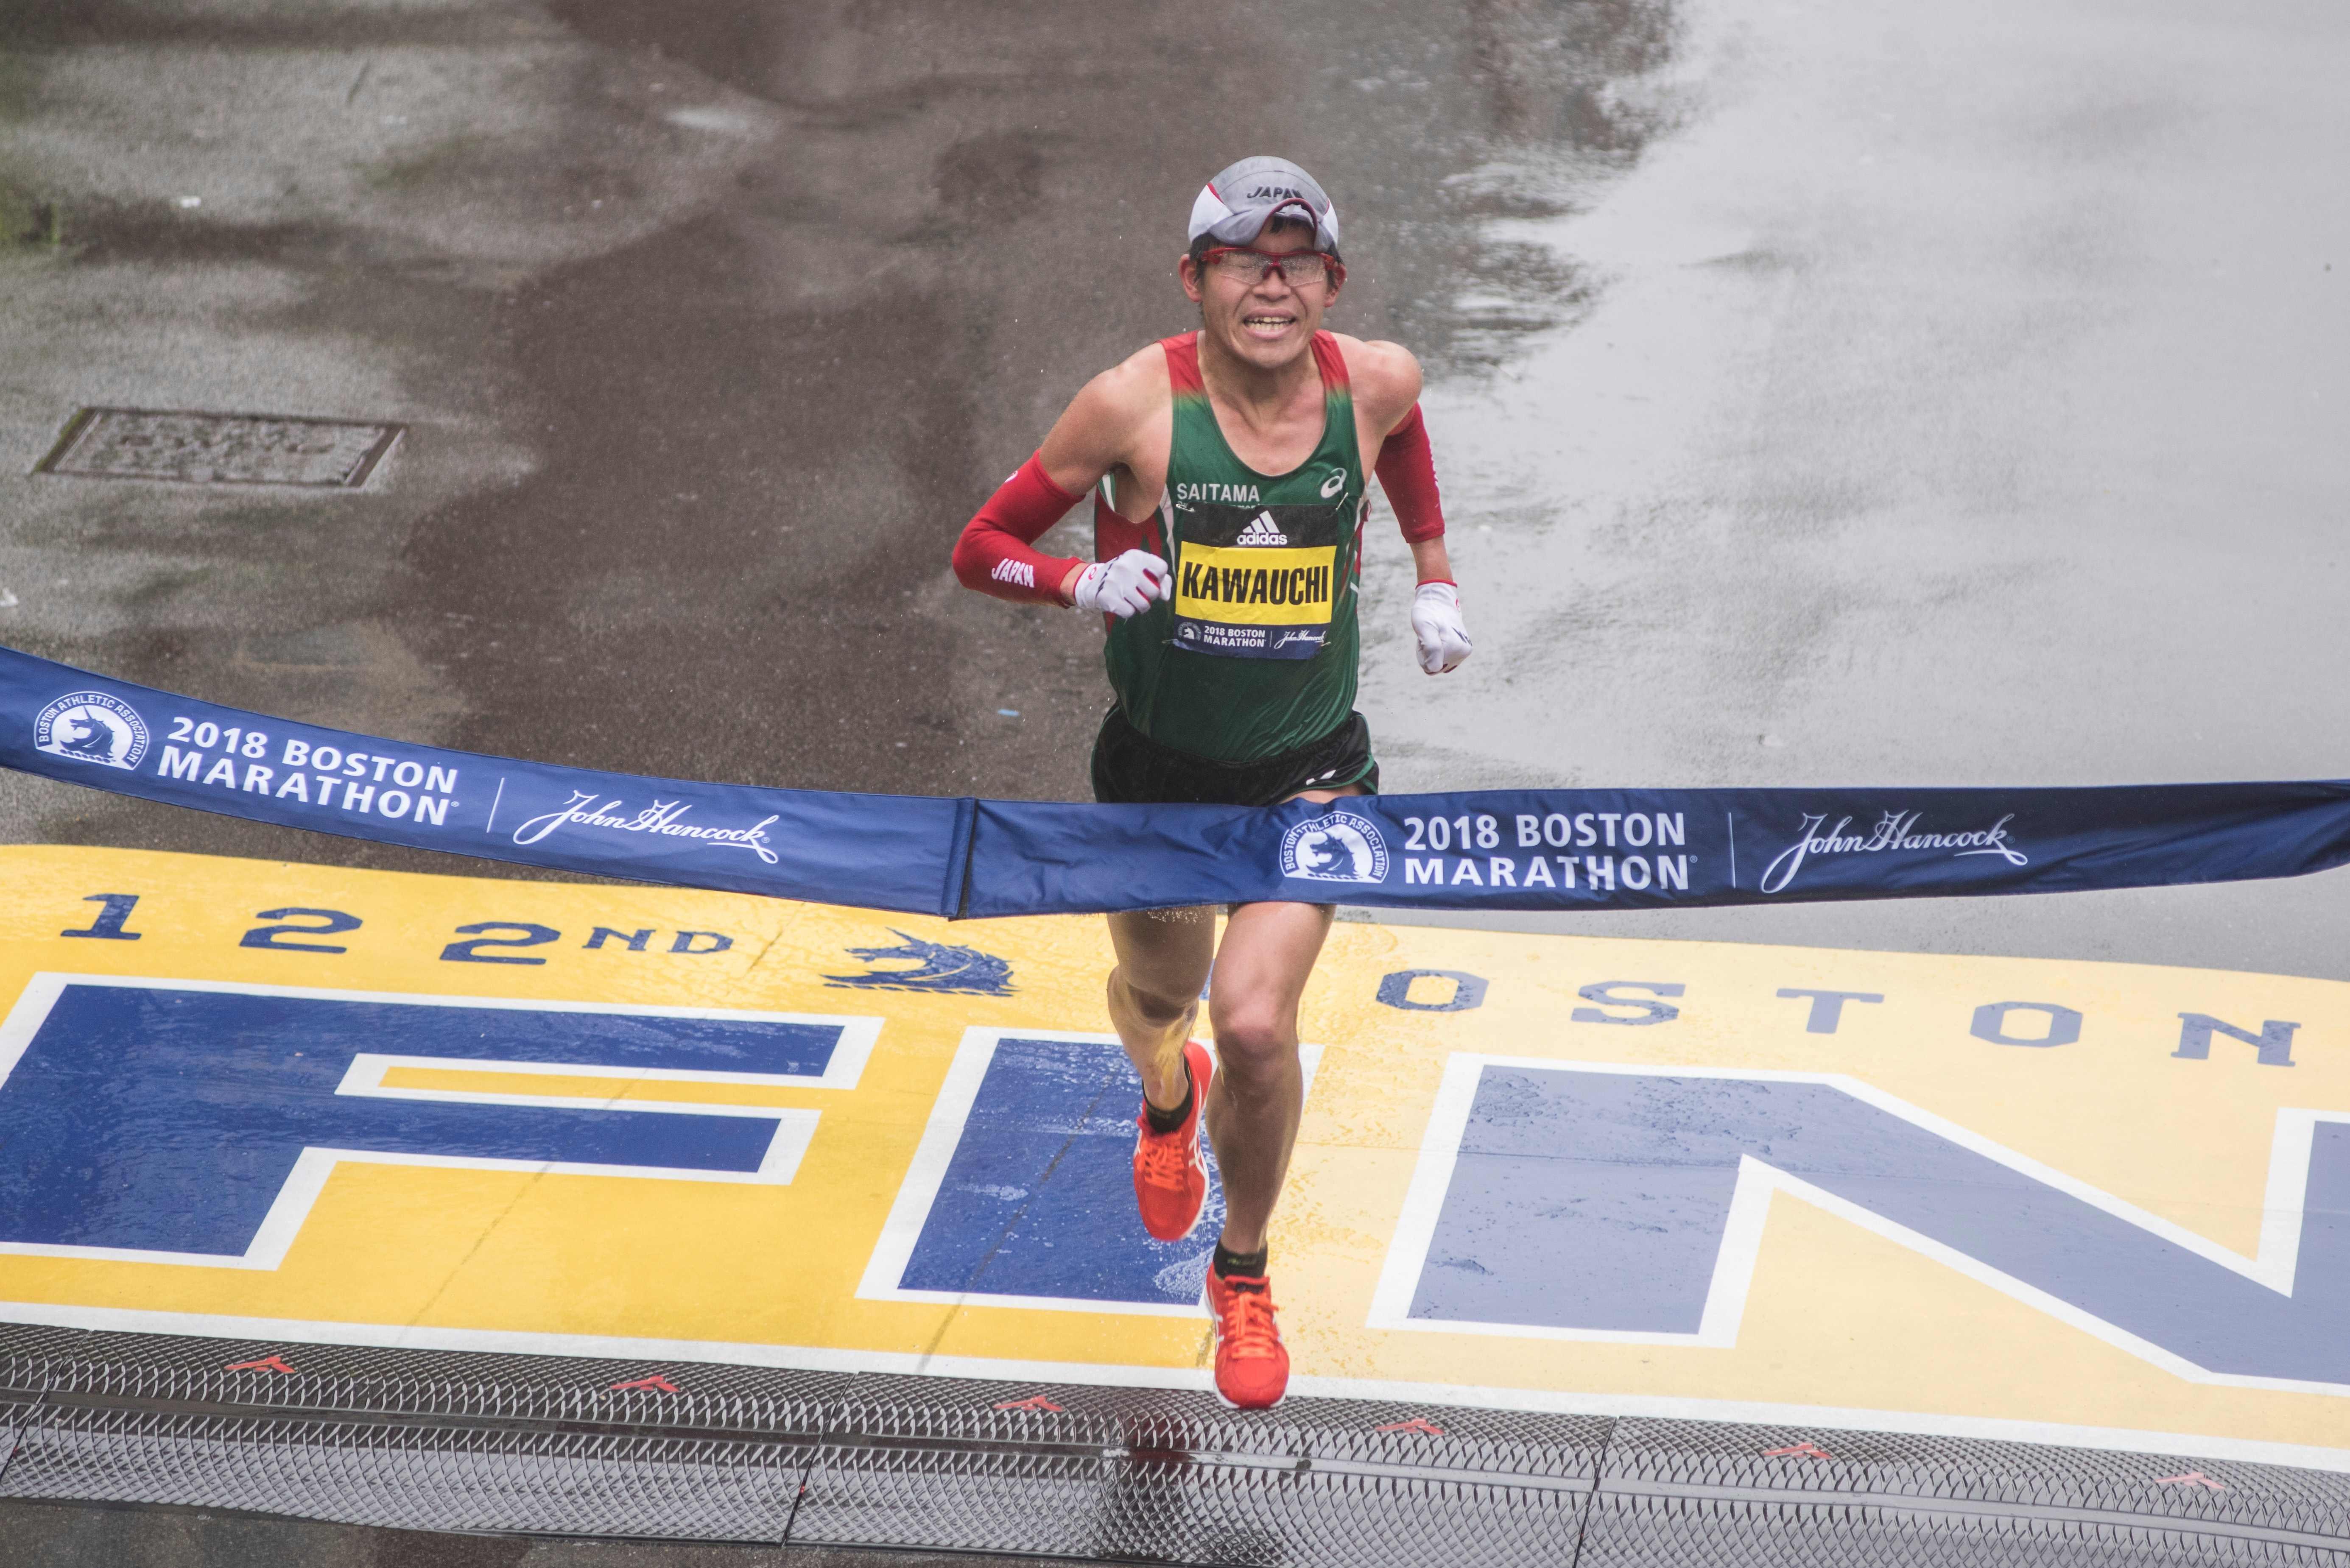 Yuki Kawauchi, o atual campeão da Maratona de Boston